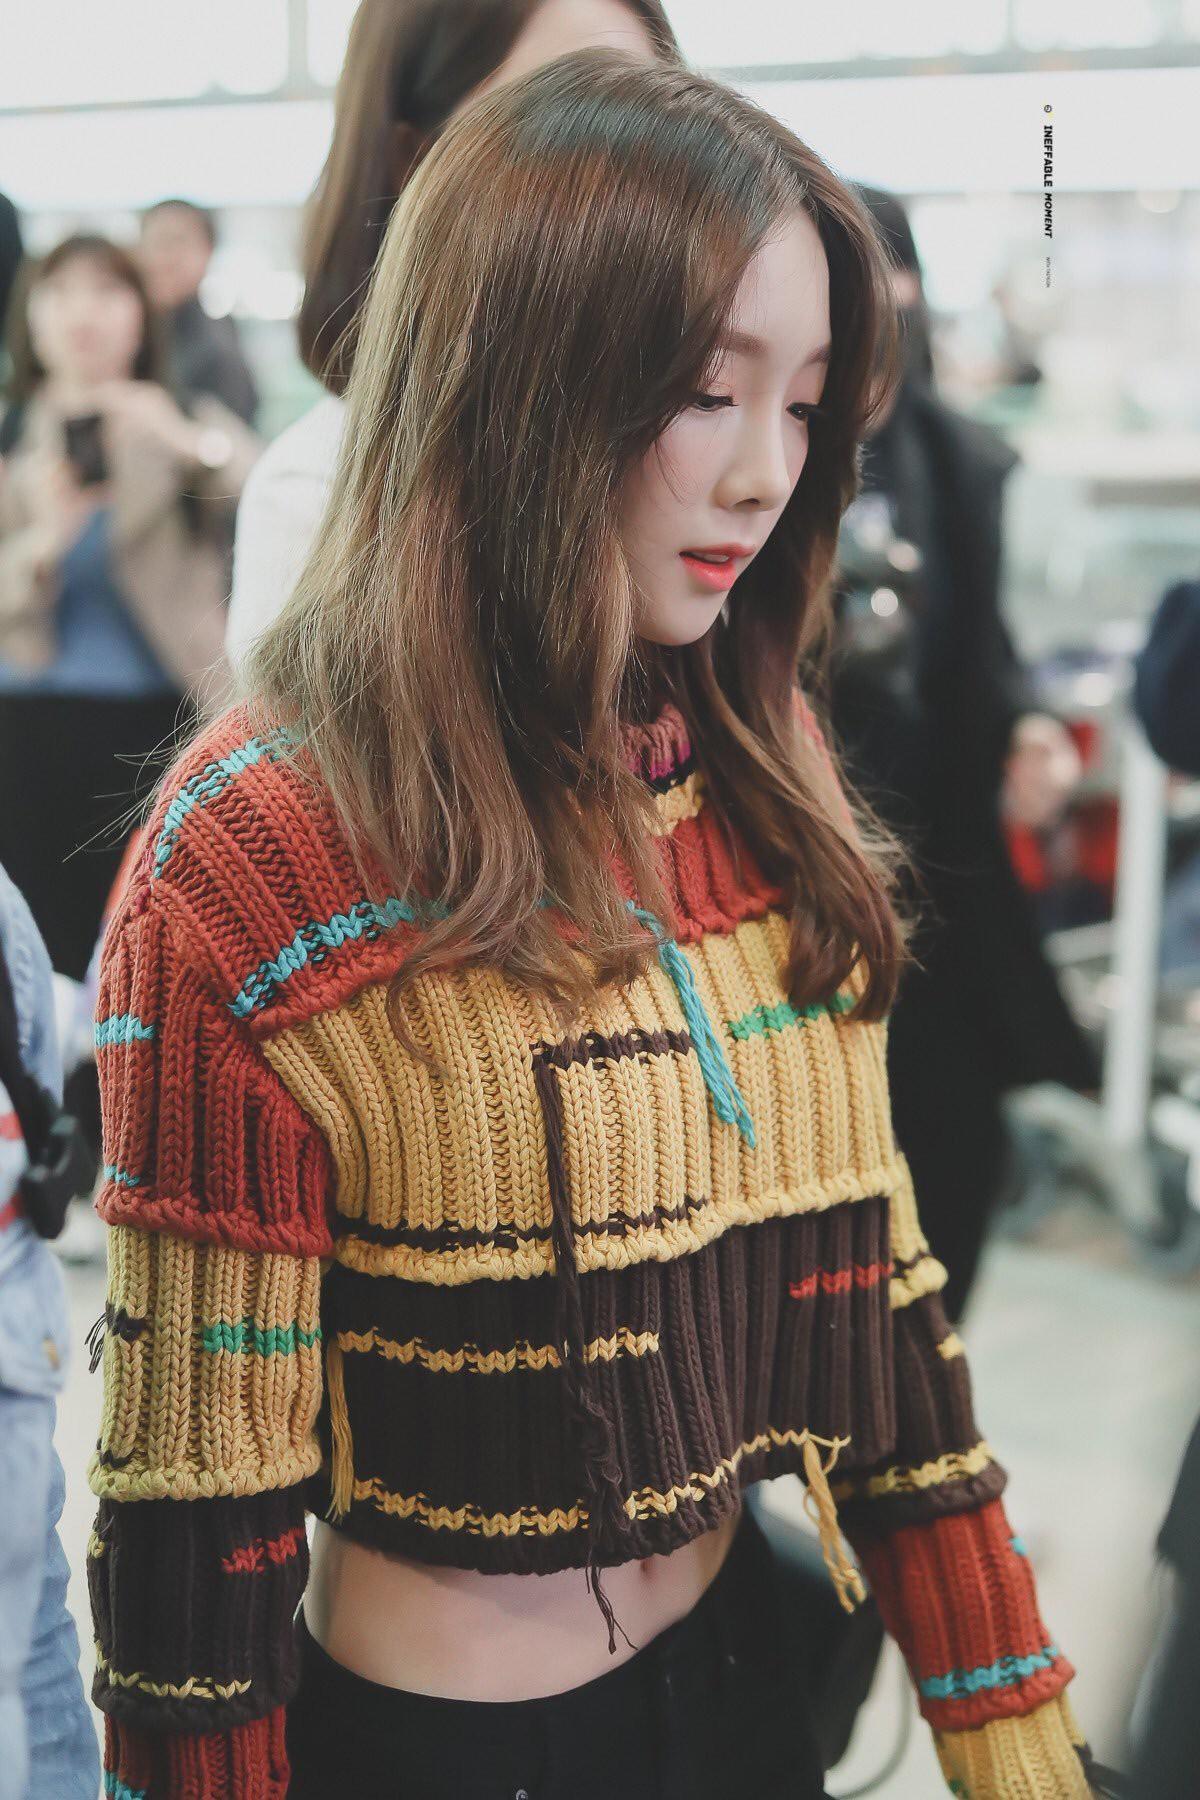 Đụng hàng: Taeyeon khoe vòng eo nữ thần, Min lại diện cùng váy xinh như nhân vật truyện tranh - Ảnh 4.